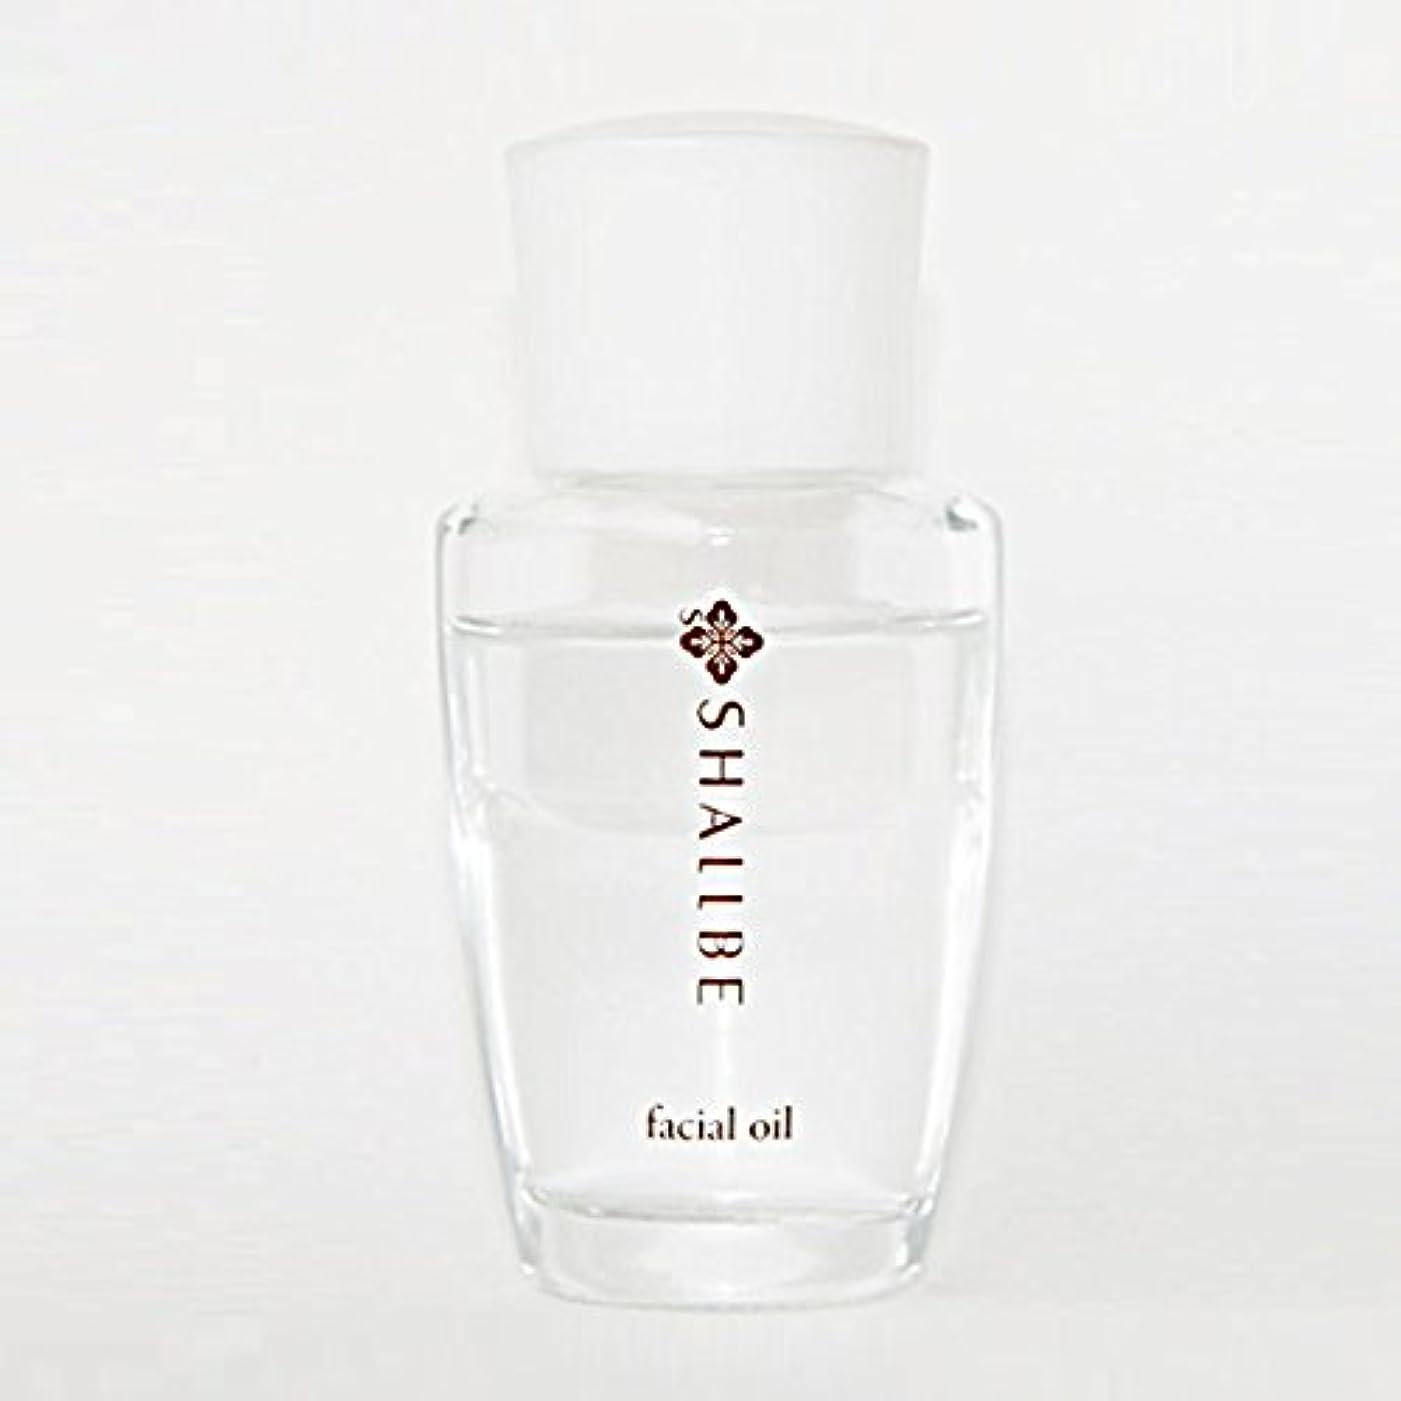 売り手アクチュエータ湾シャルビー カクテル スクワラン オイル 26ml 美容液 2層 スクワランオイル